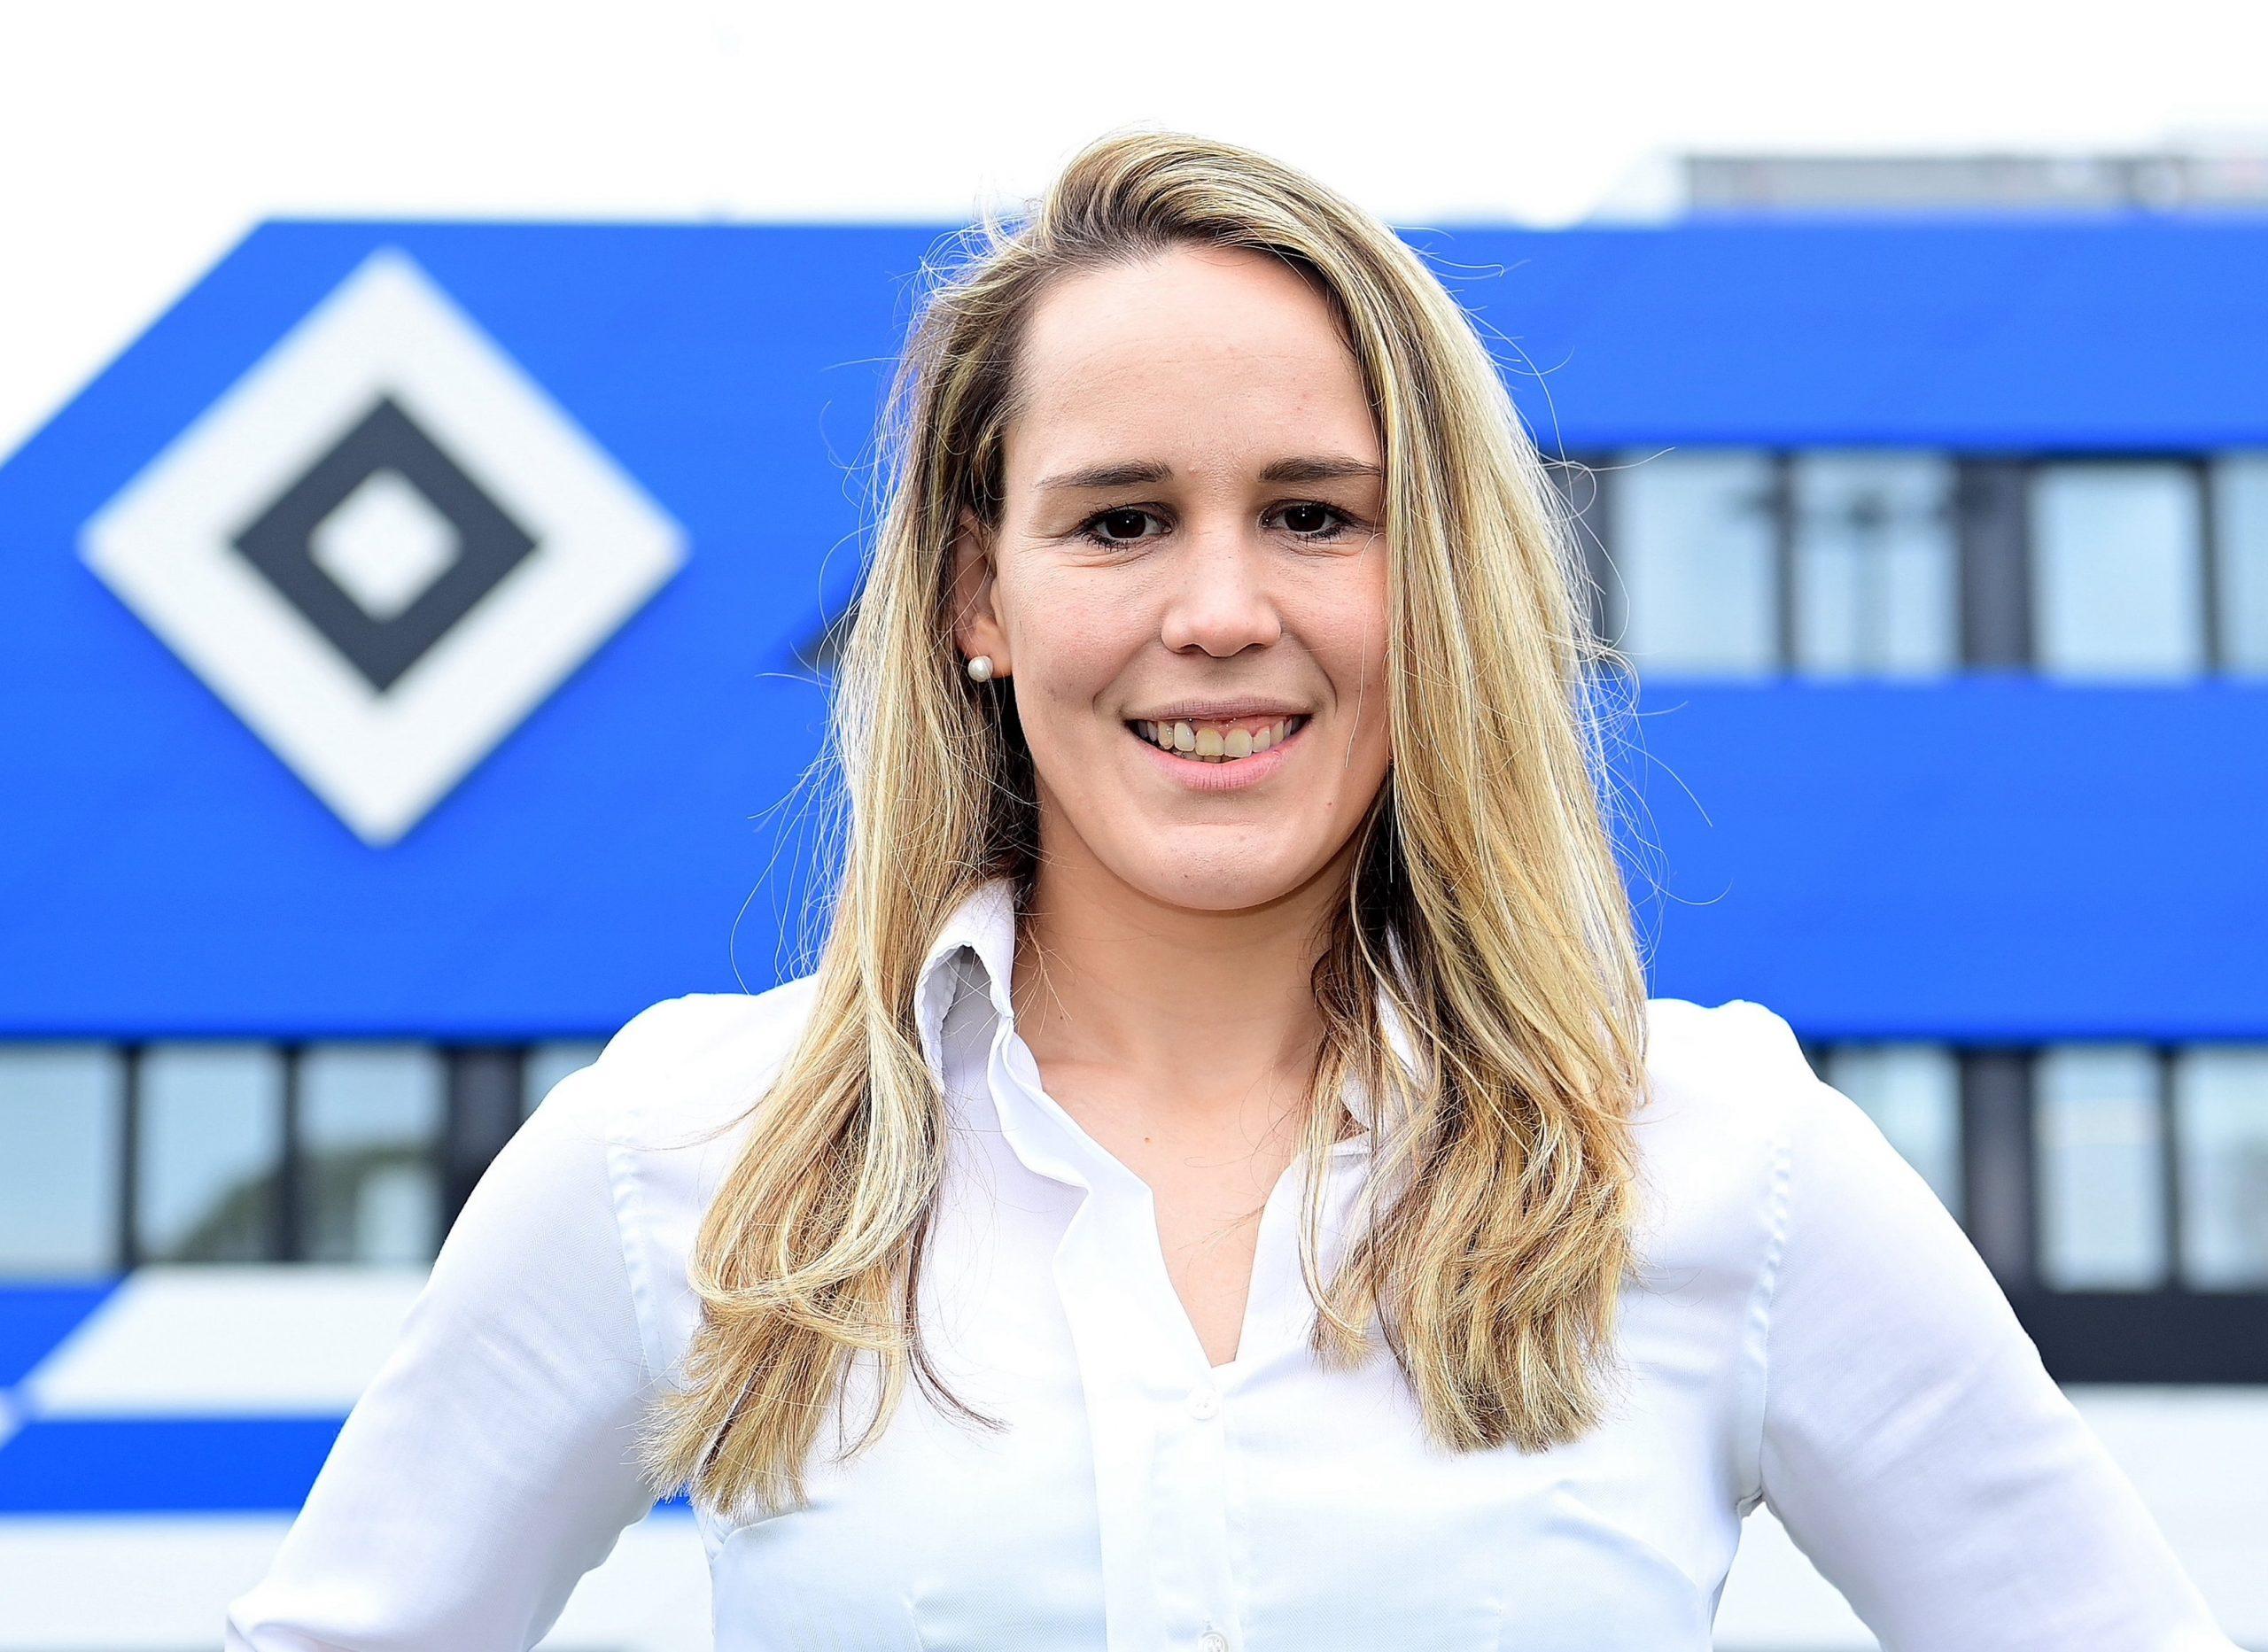 Die ehemalige Bundesliga-Spielerin Catharina Schimpf ist seit Juli 2021 Frauenfußball-Koordinatorin beim HSV.